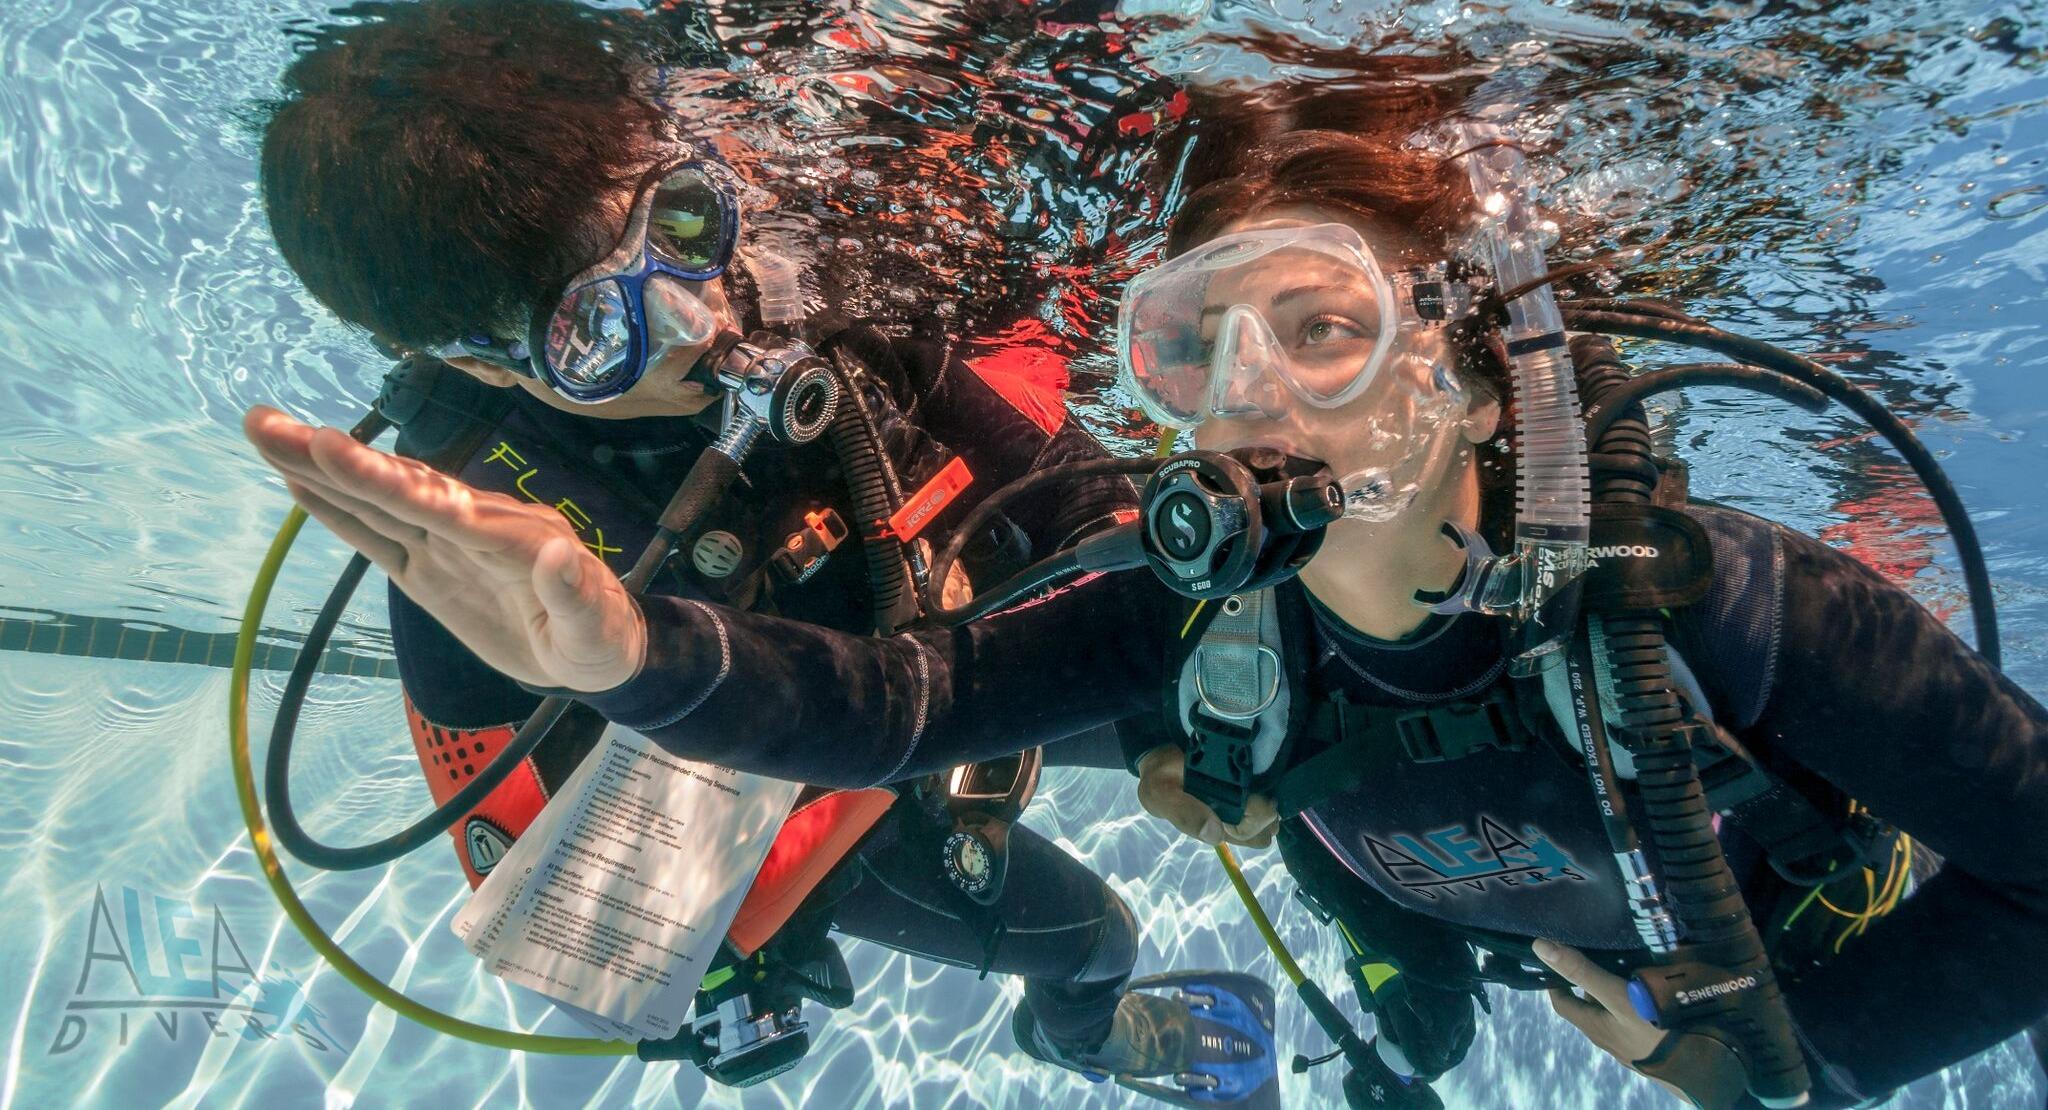 PADI Discover Scuba Diving – vyzkoušejte si potápění